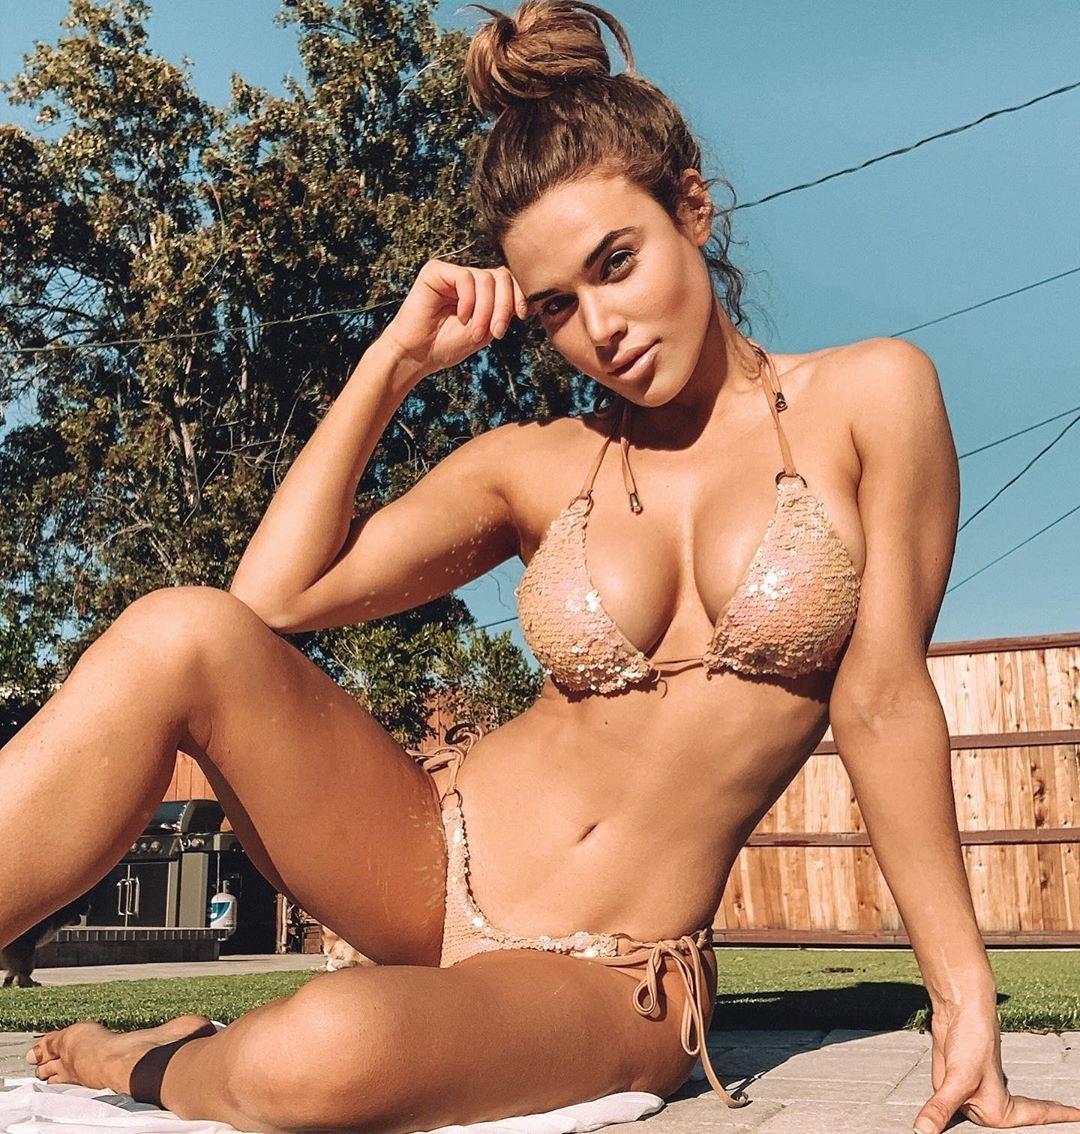 Lana sexy photos